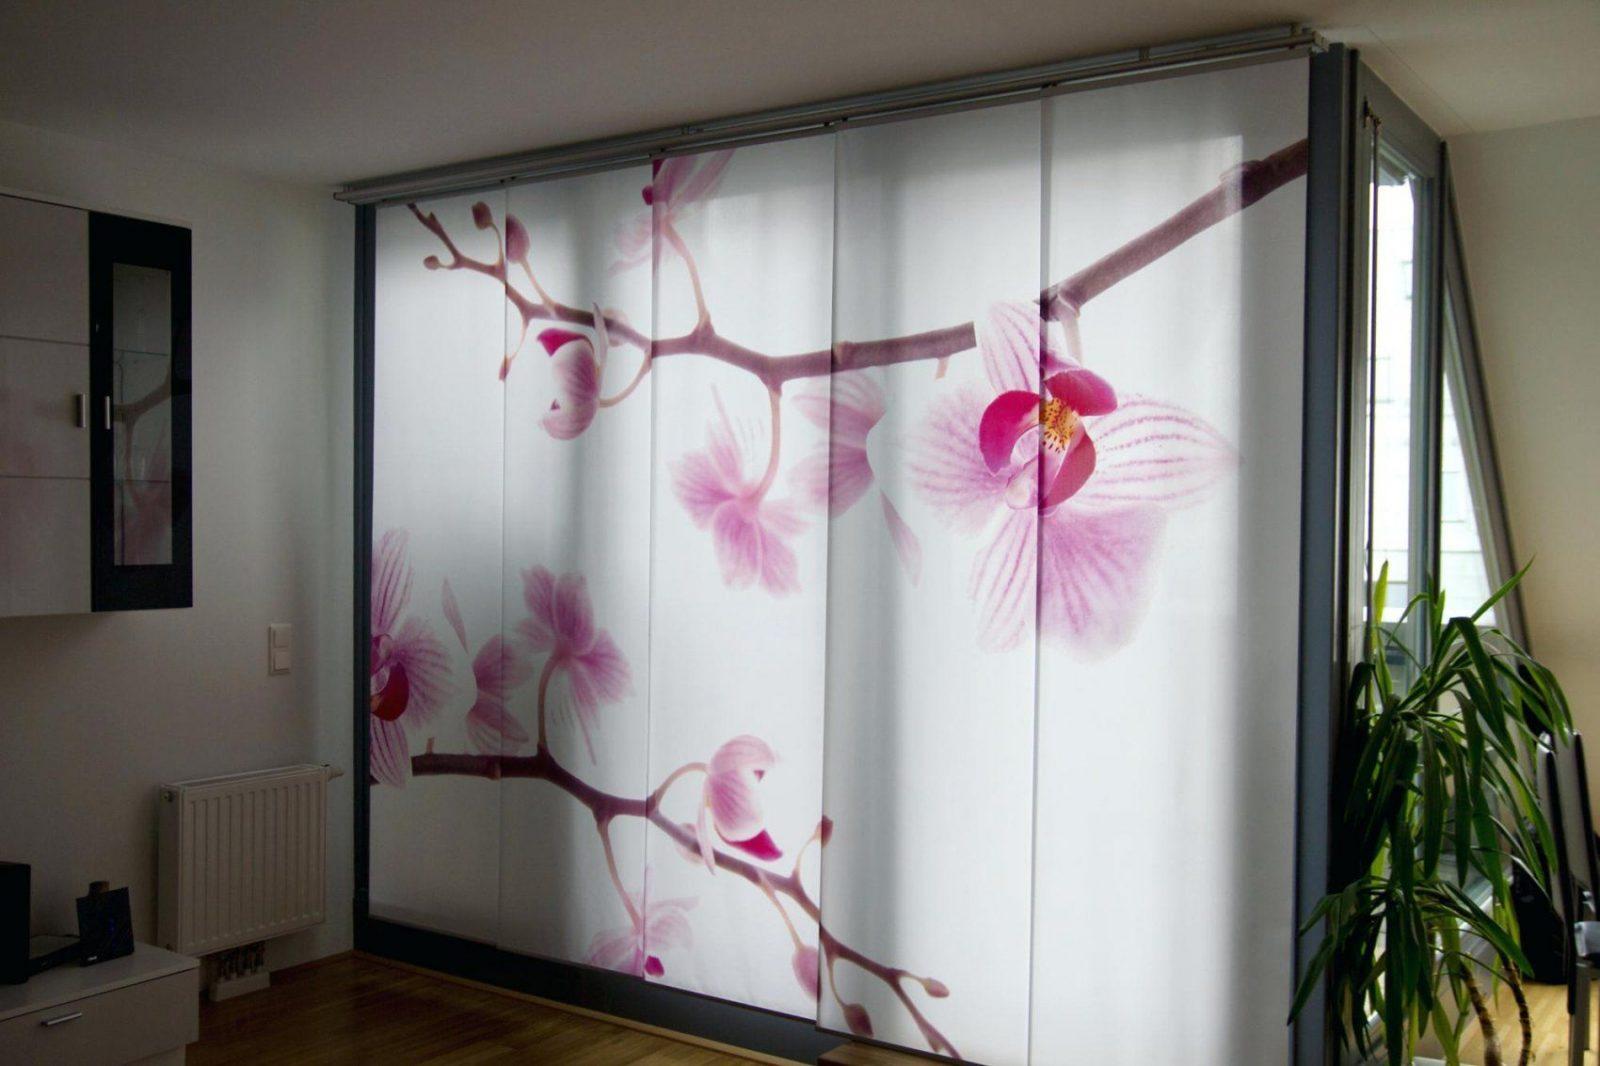 Schiebevorhang Blickdicht Motiv Schiebevorhange Weiss Grau von Schiebevorhang Blickdicht Als Raumteiler Bild